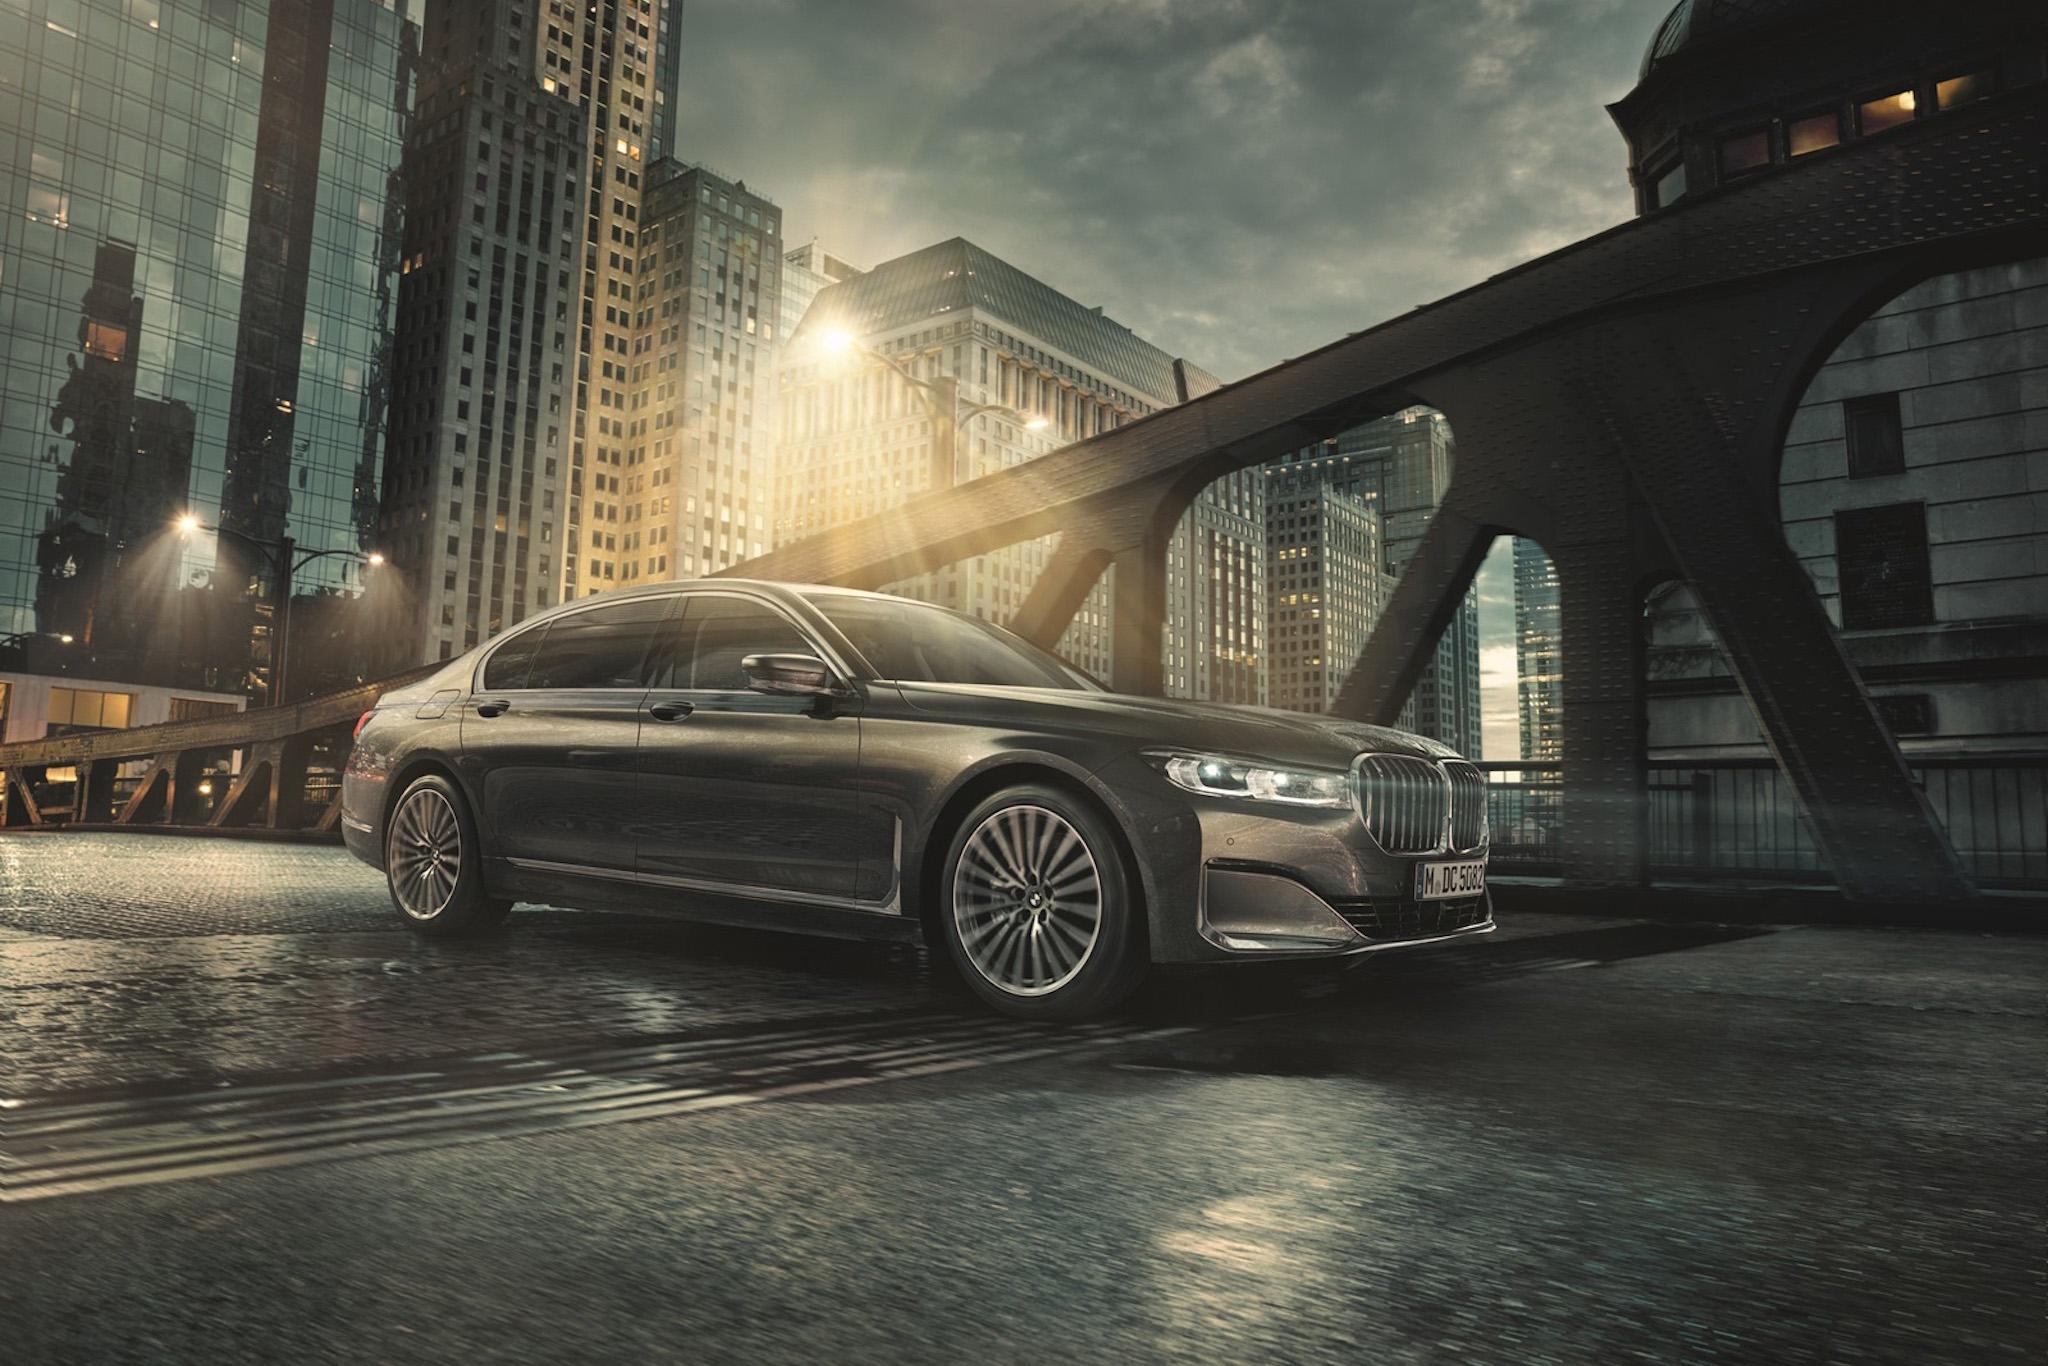 全新 2021 年式 BMW 7系列Exclusive Edition層峰旗艦版,提供尊榮租賃專案或 360 萬 60 期 0 利率與 1 年乙式全險。